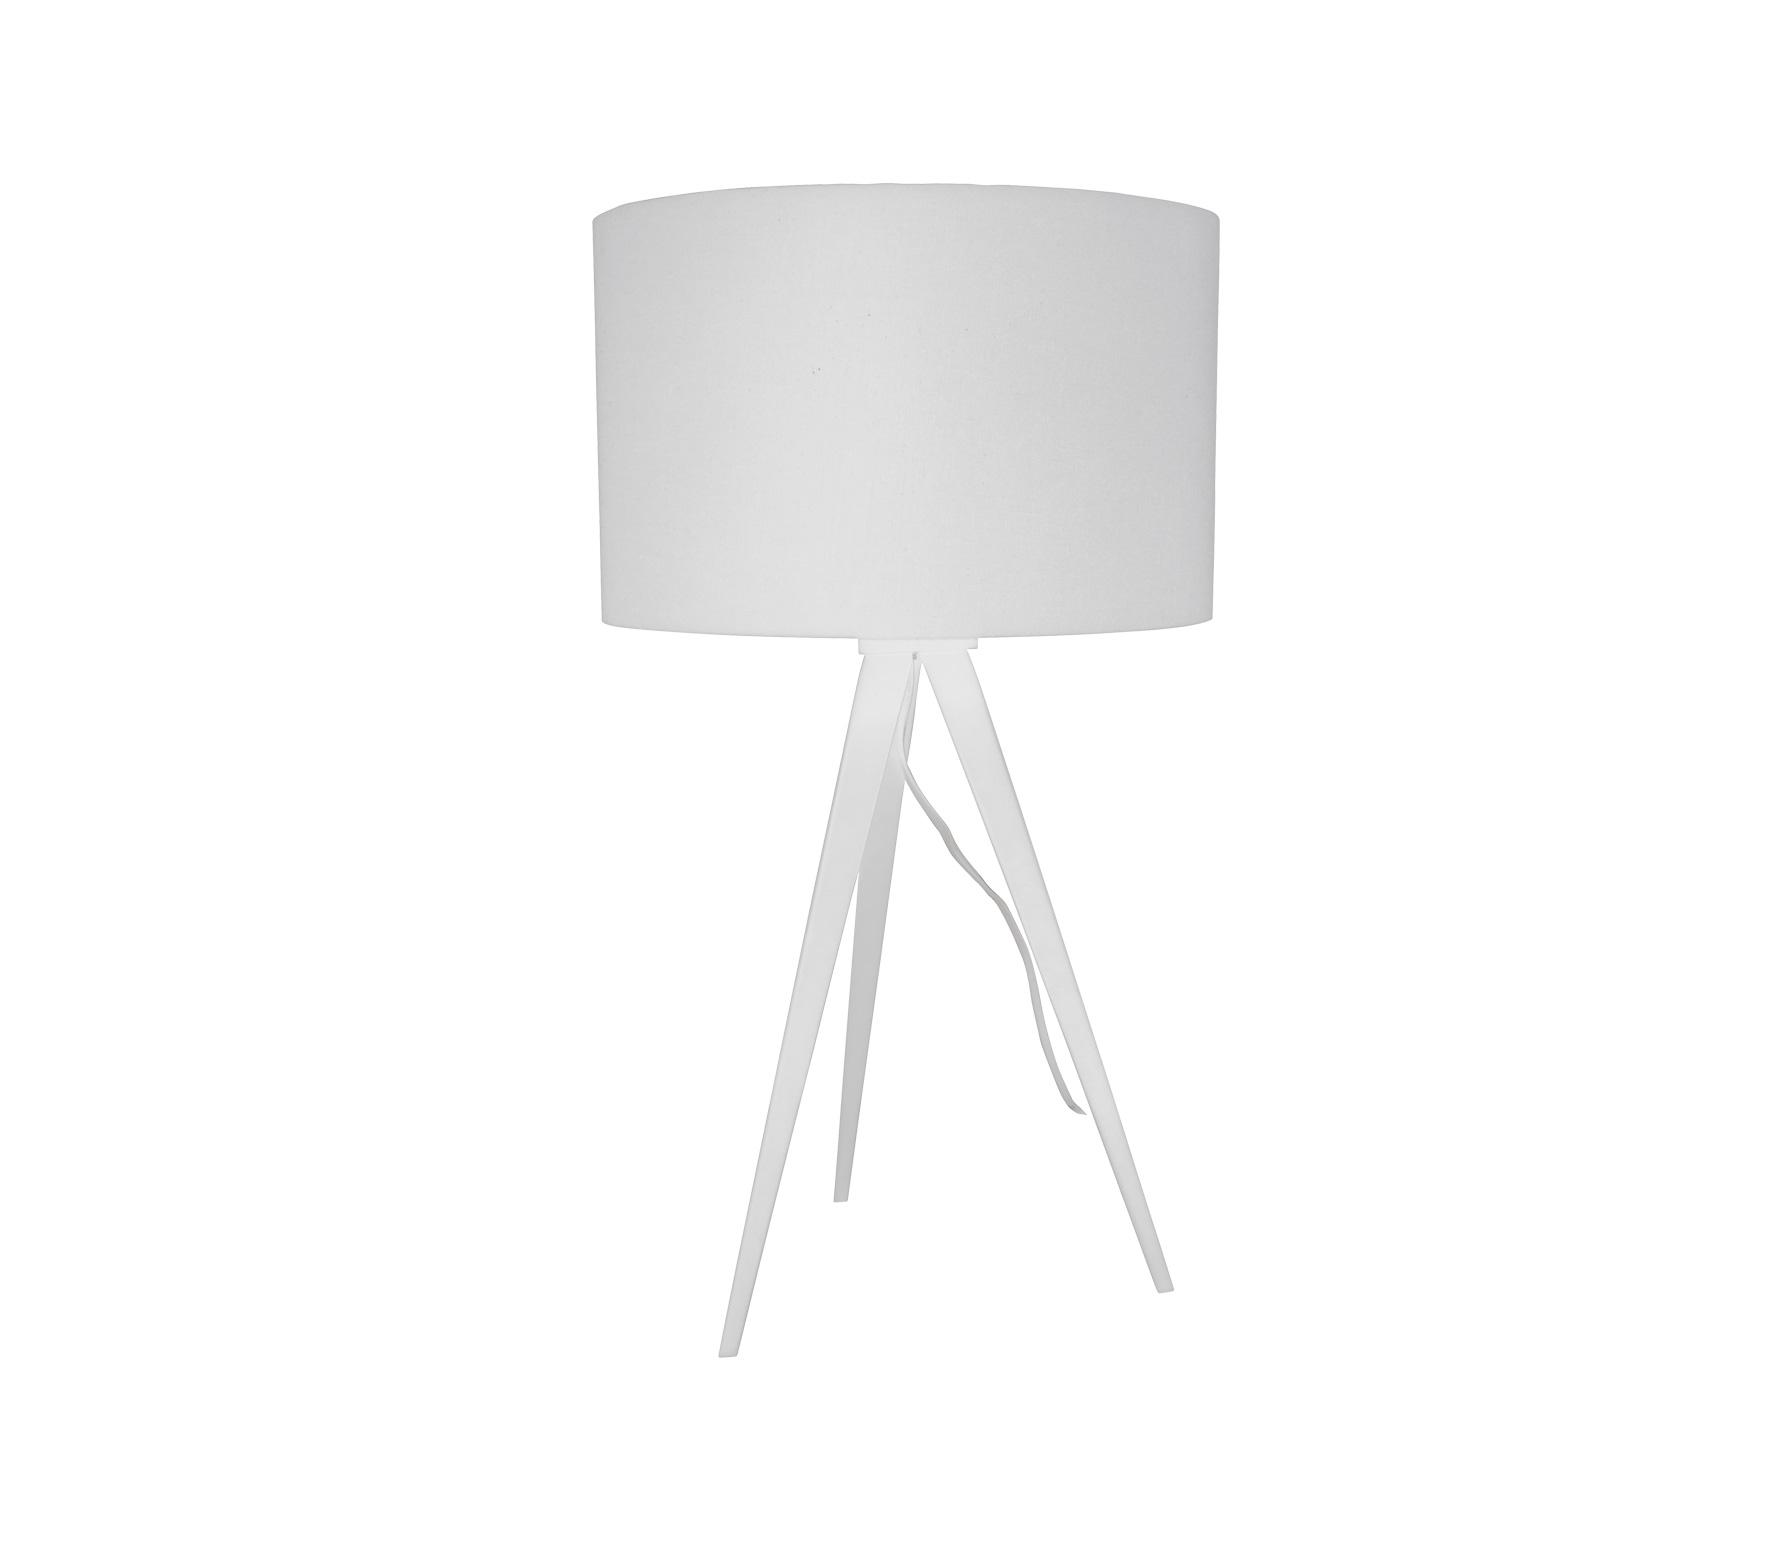 Zuiver Tripod tafellamp kunststof/metaal wit